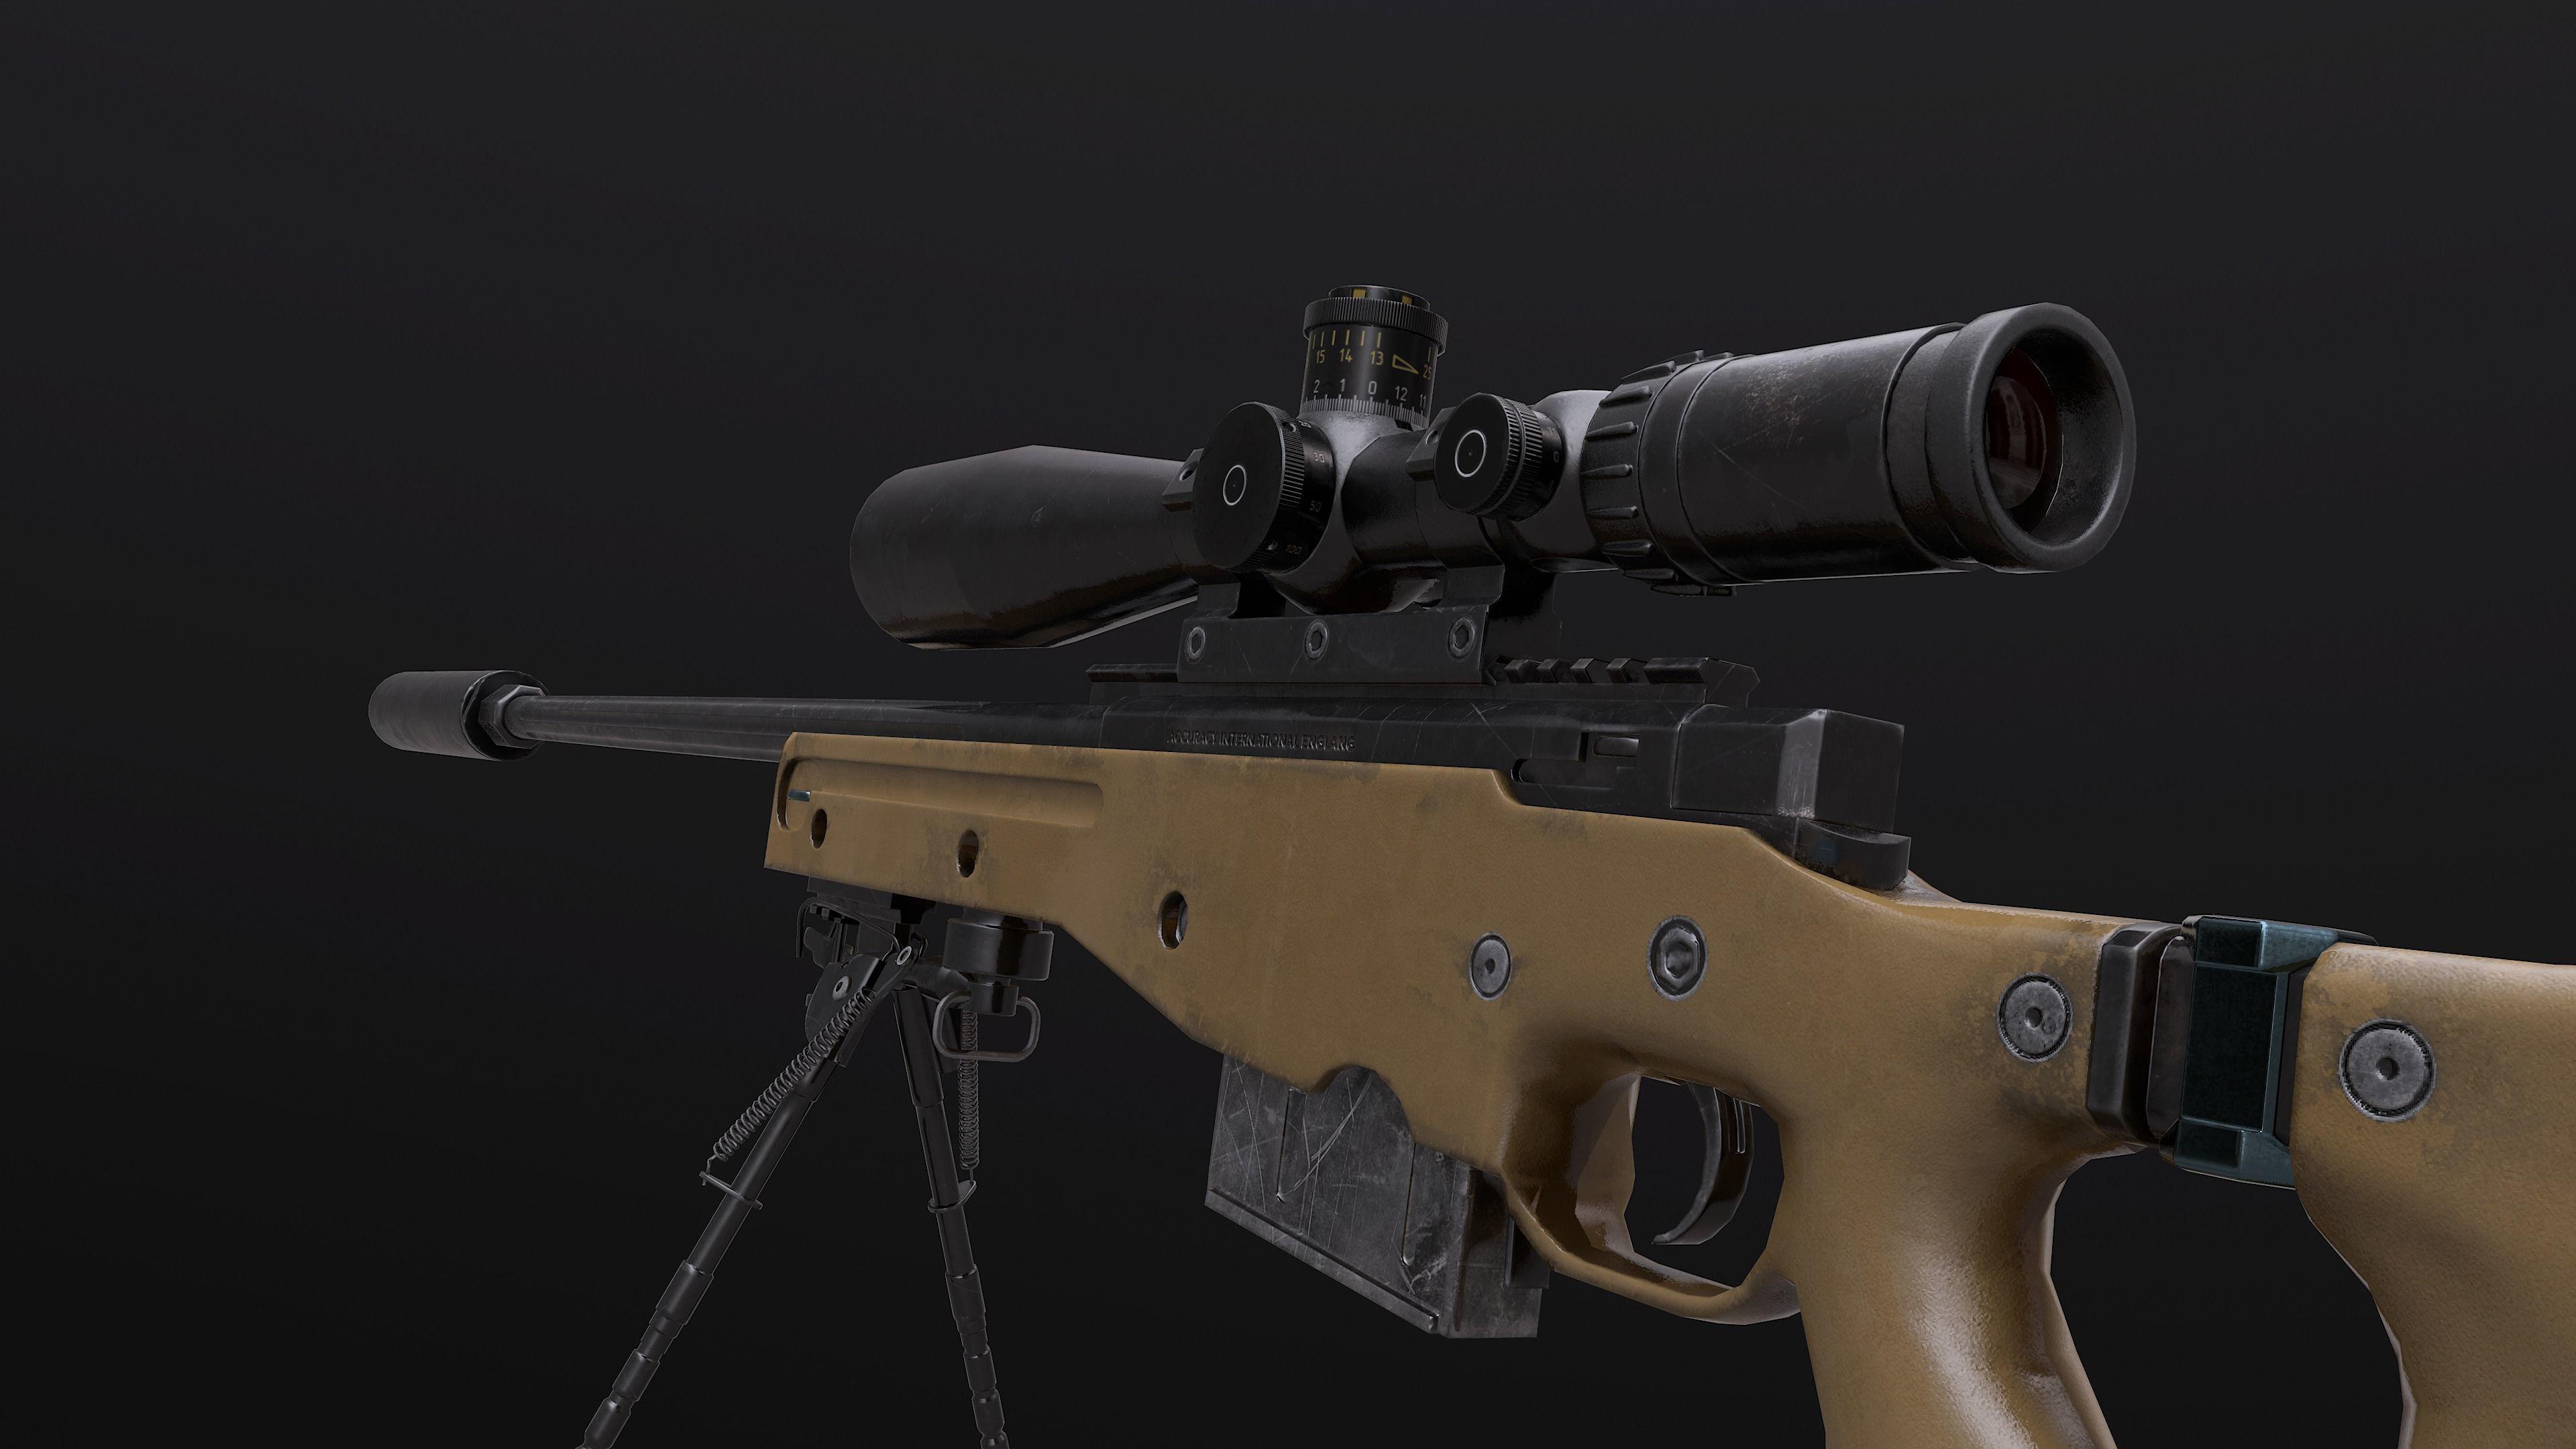 AWM AWP Sniper Rifle